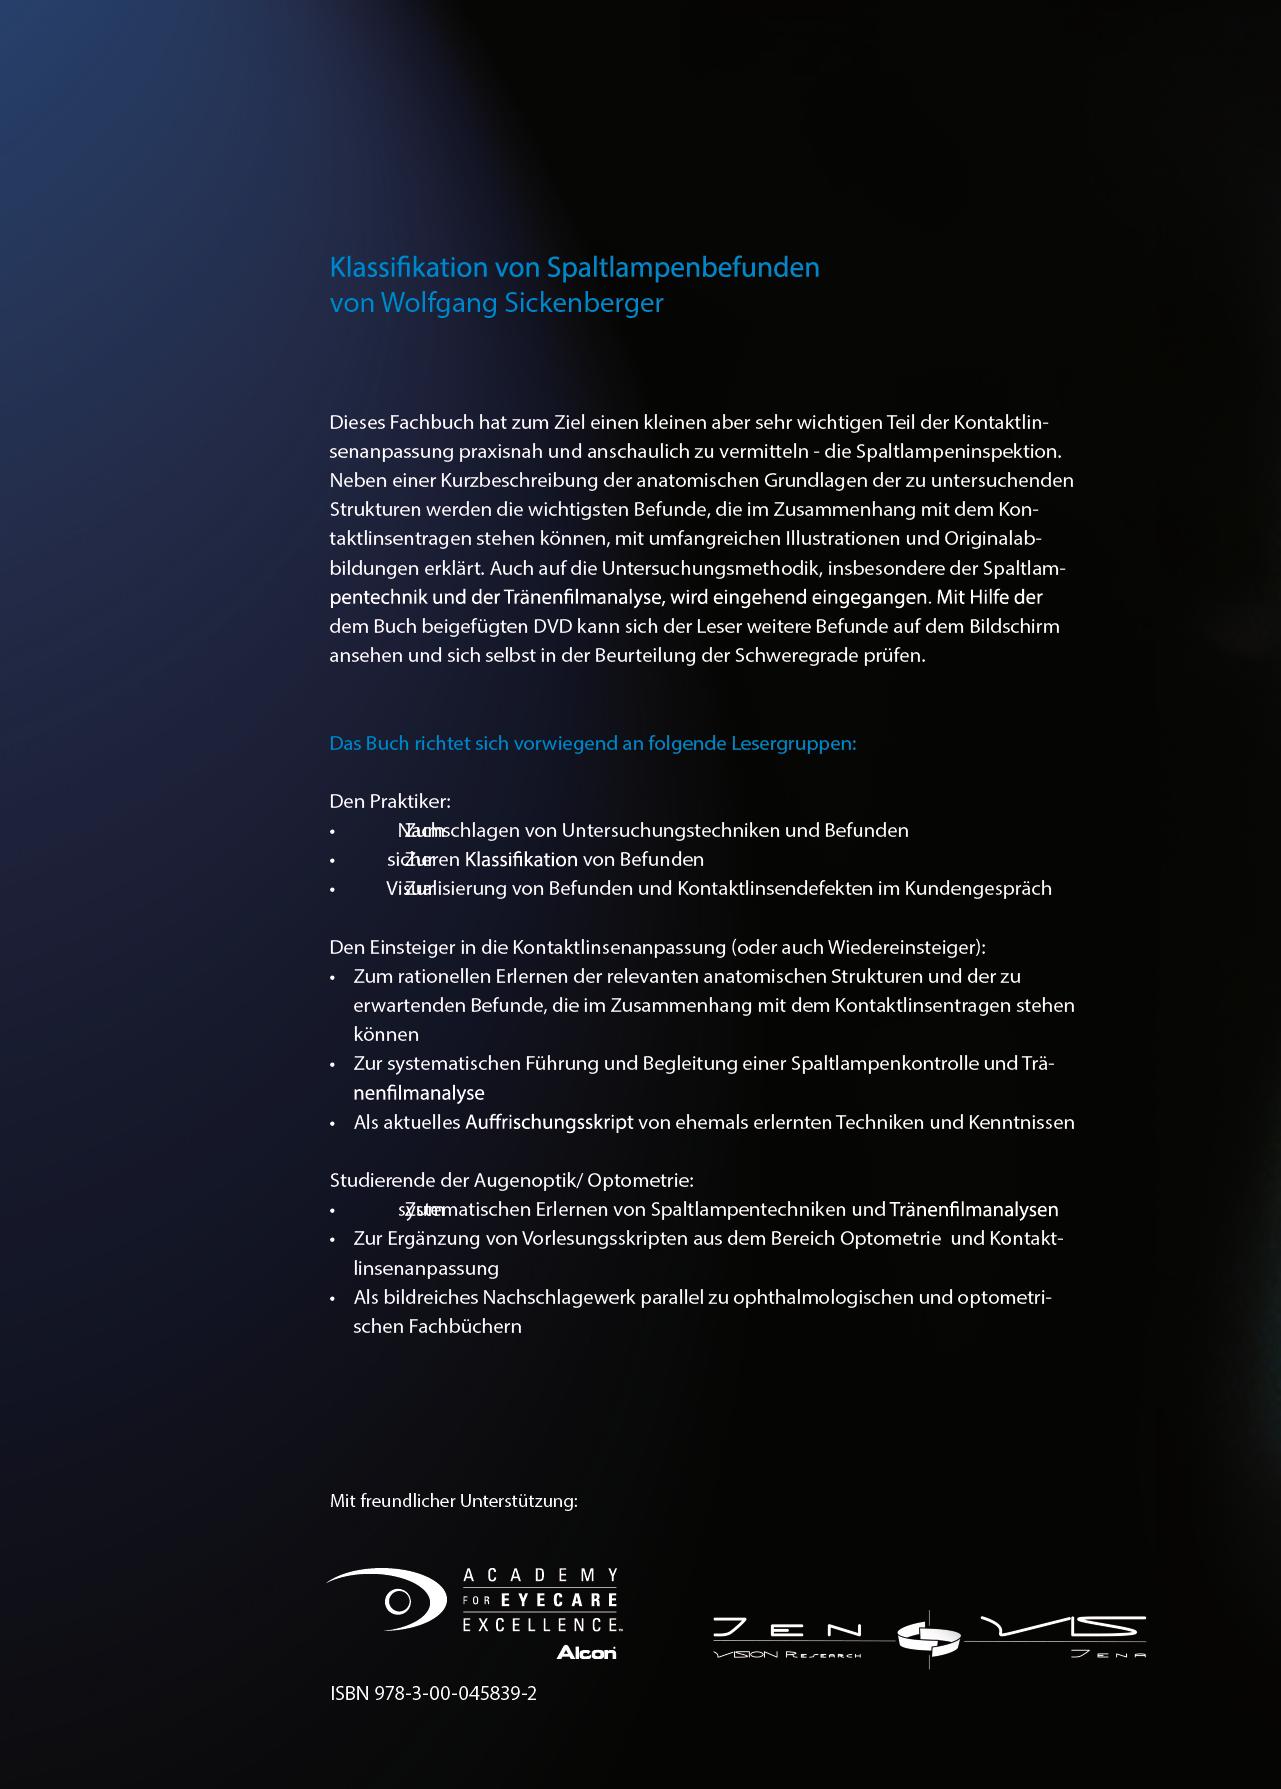 Klassifikation_von_Spaltlampenbefunden_de_RS-01-01